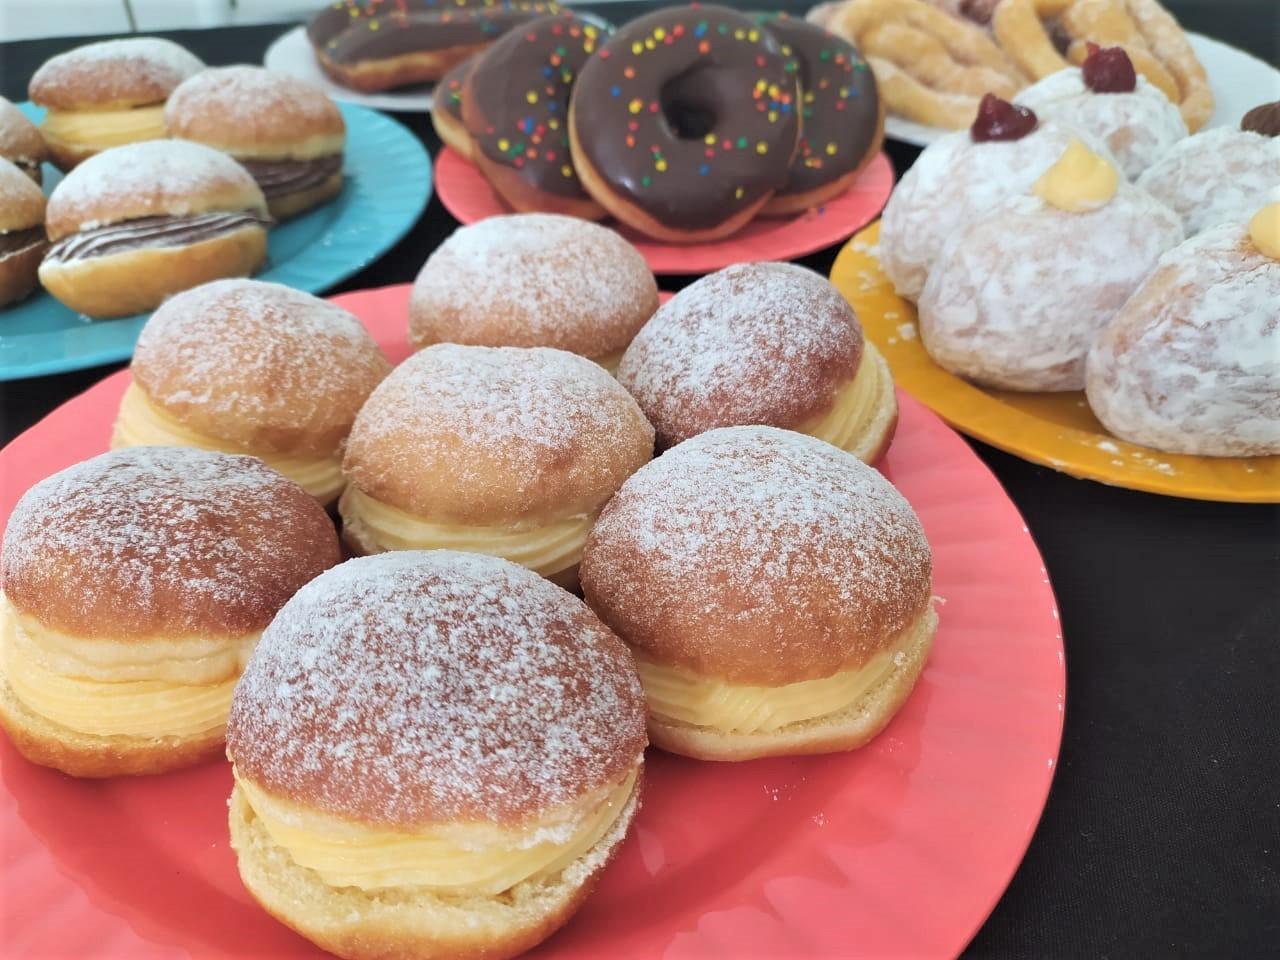 Sonho de padaria com recheios diferentes pode ser feito em casa; aprenda